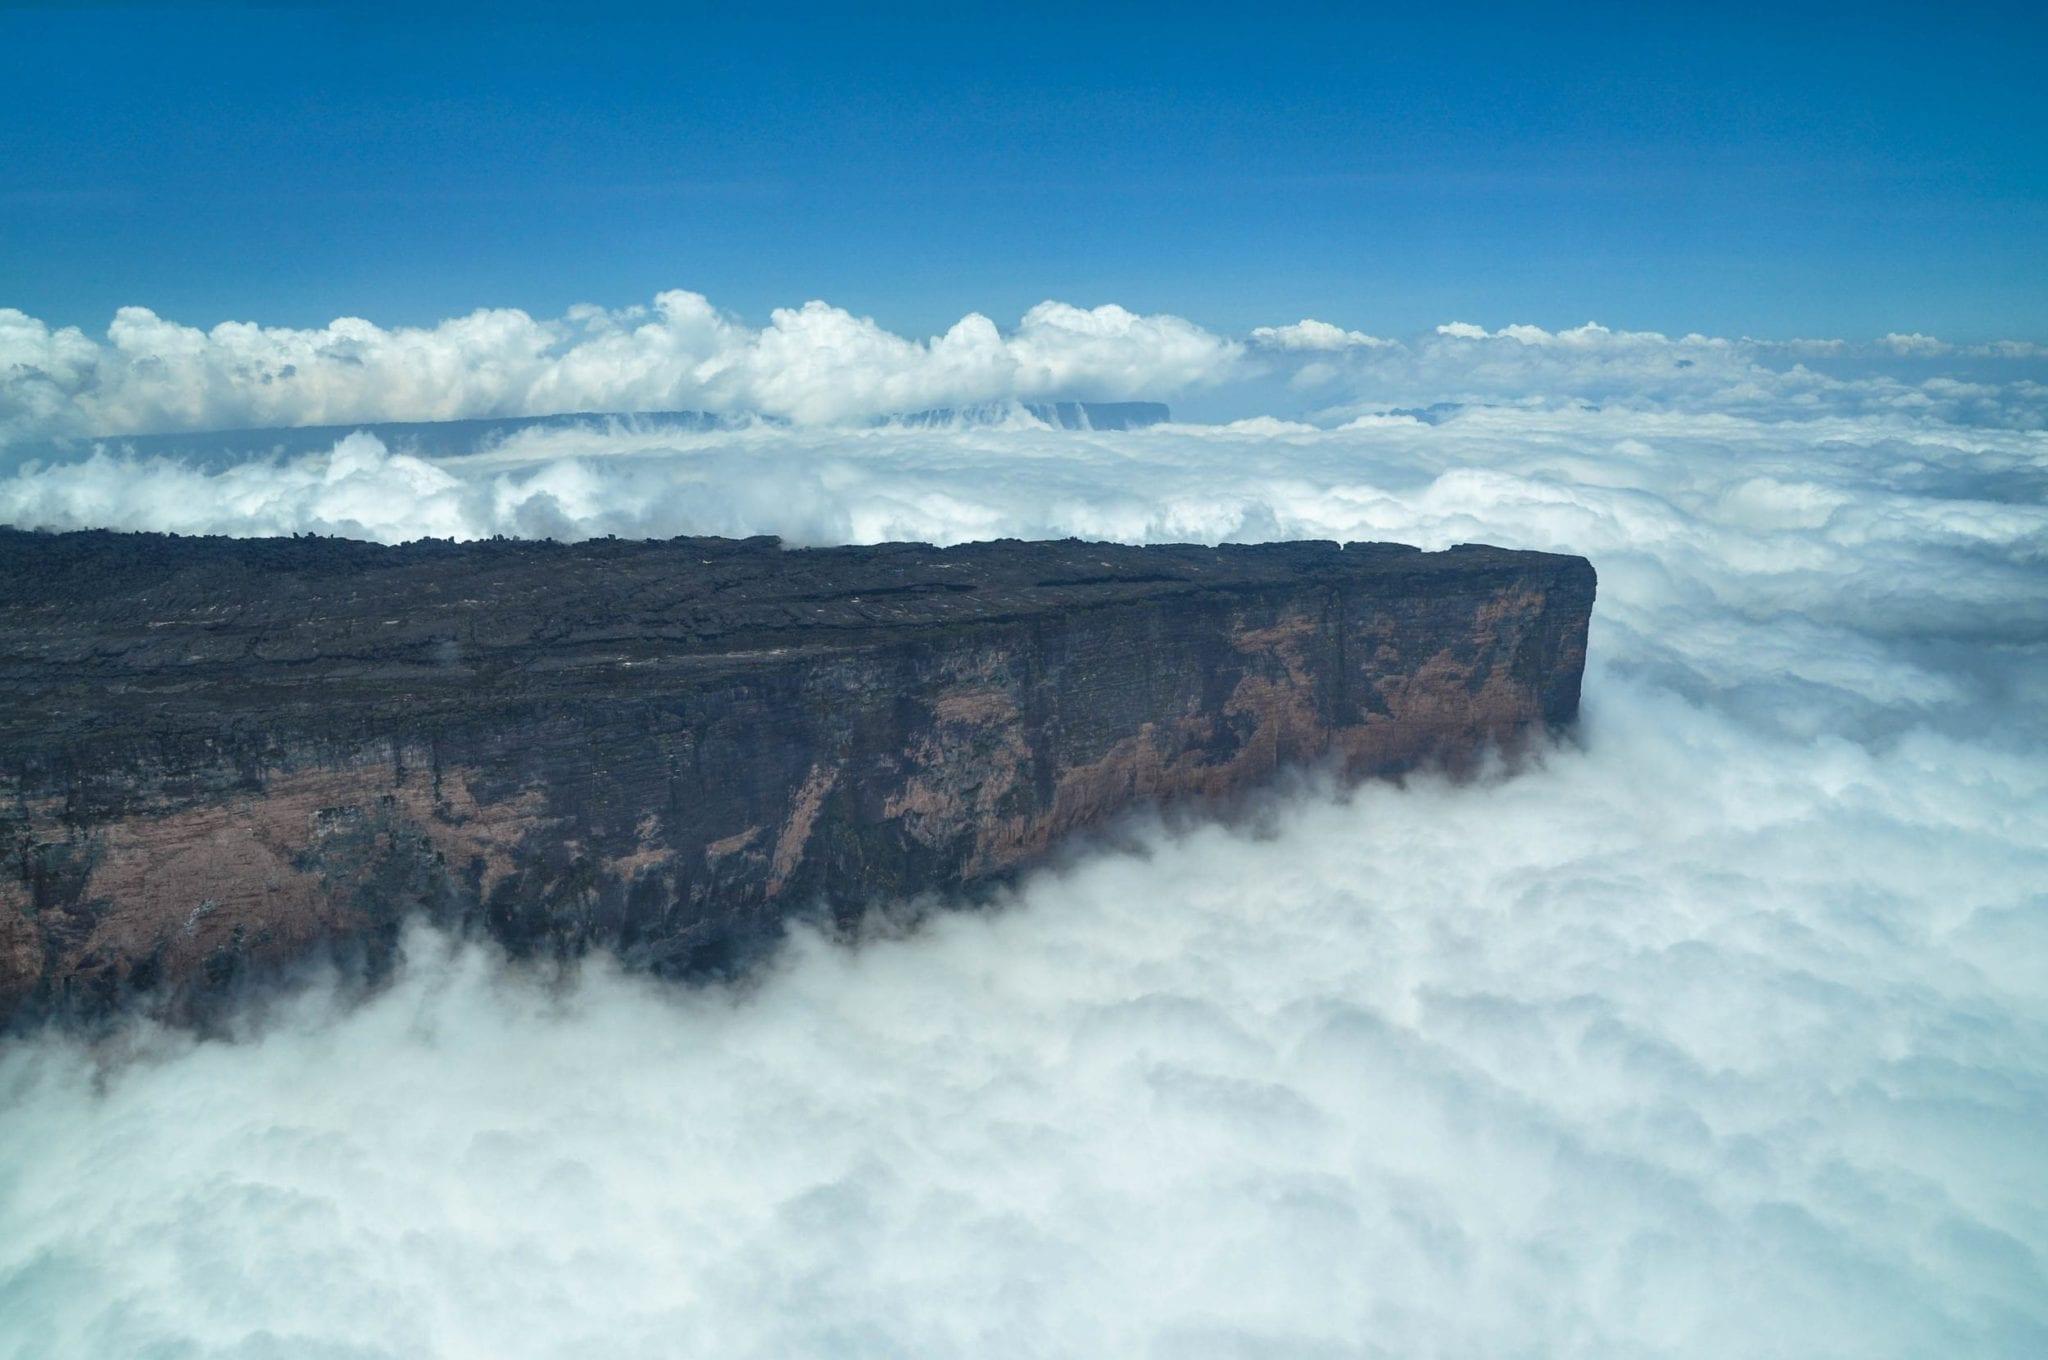 Mount-Roraima-from-Air-©-David-DiGregorio ▷ ¿Qué es realmente como viajar a Guyana?